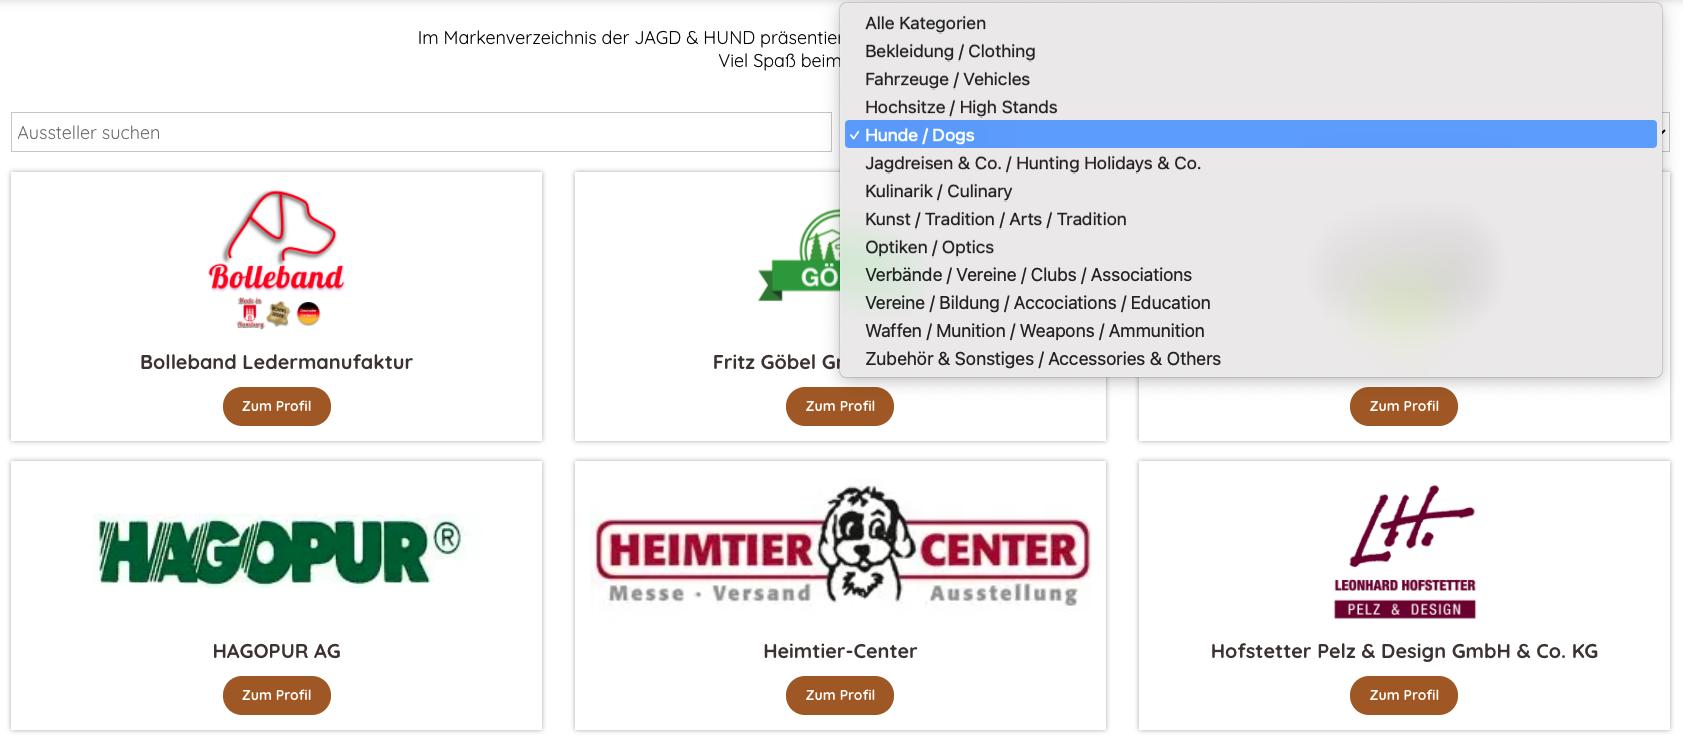 Such- und Filterfunktion Aussteller Jagd & Hund